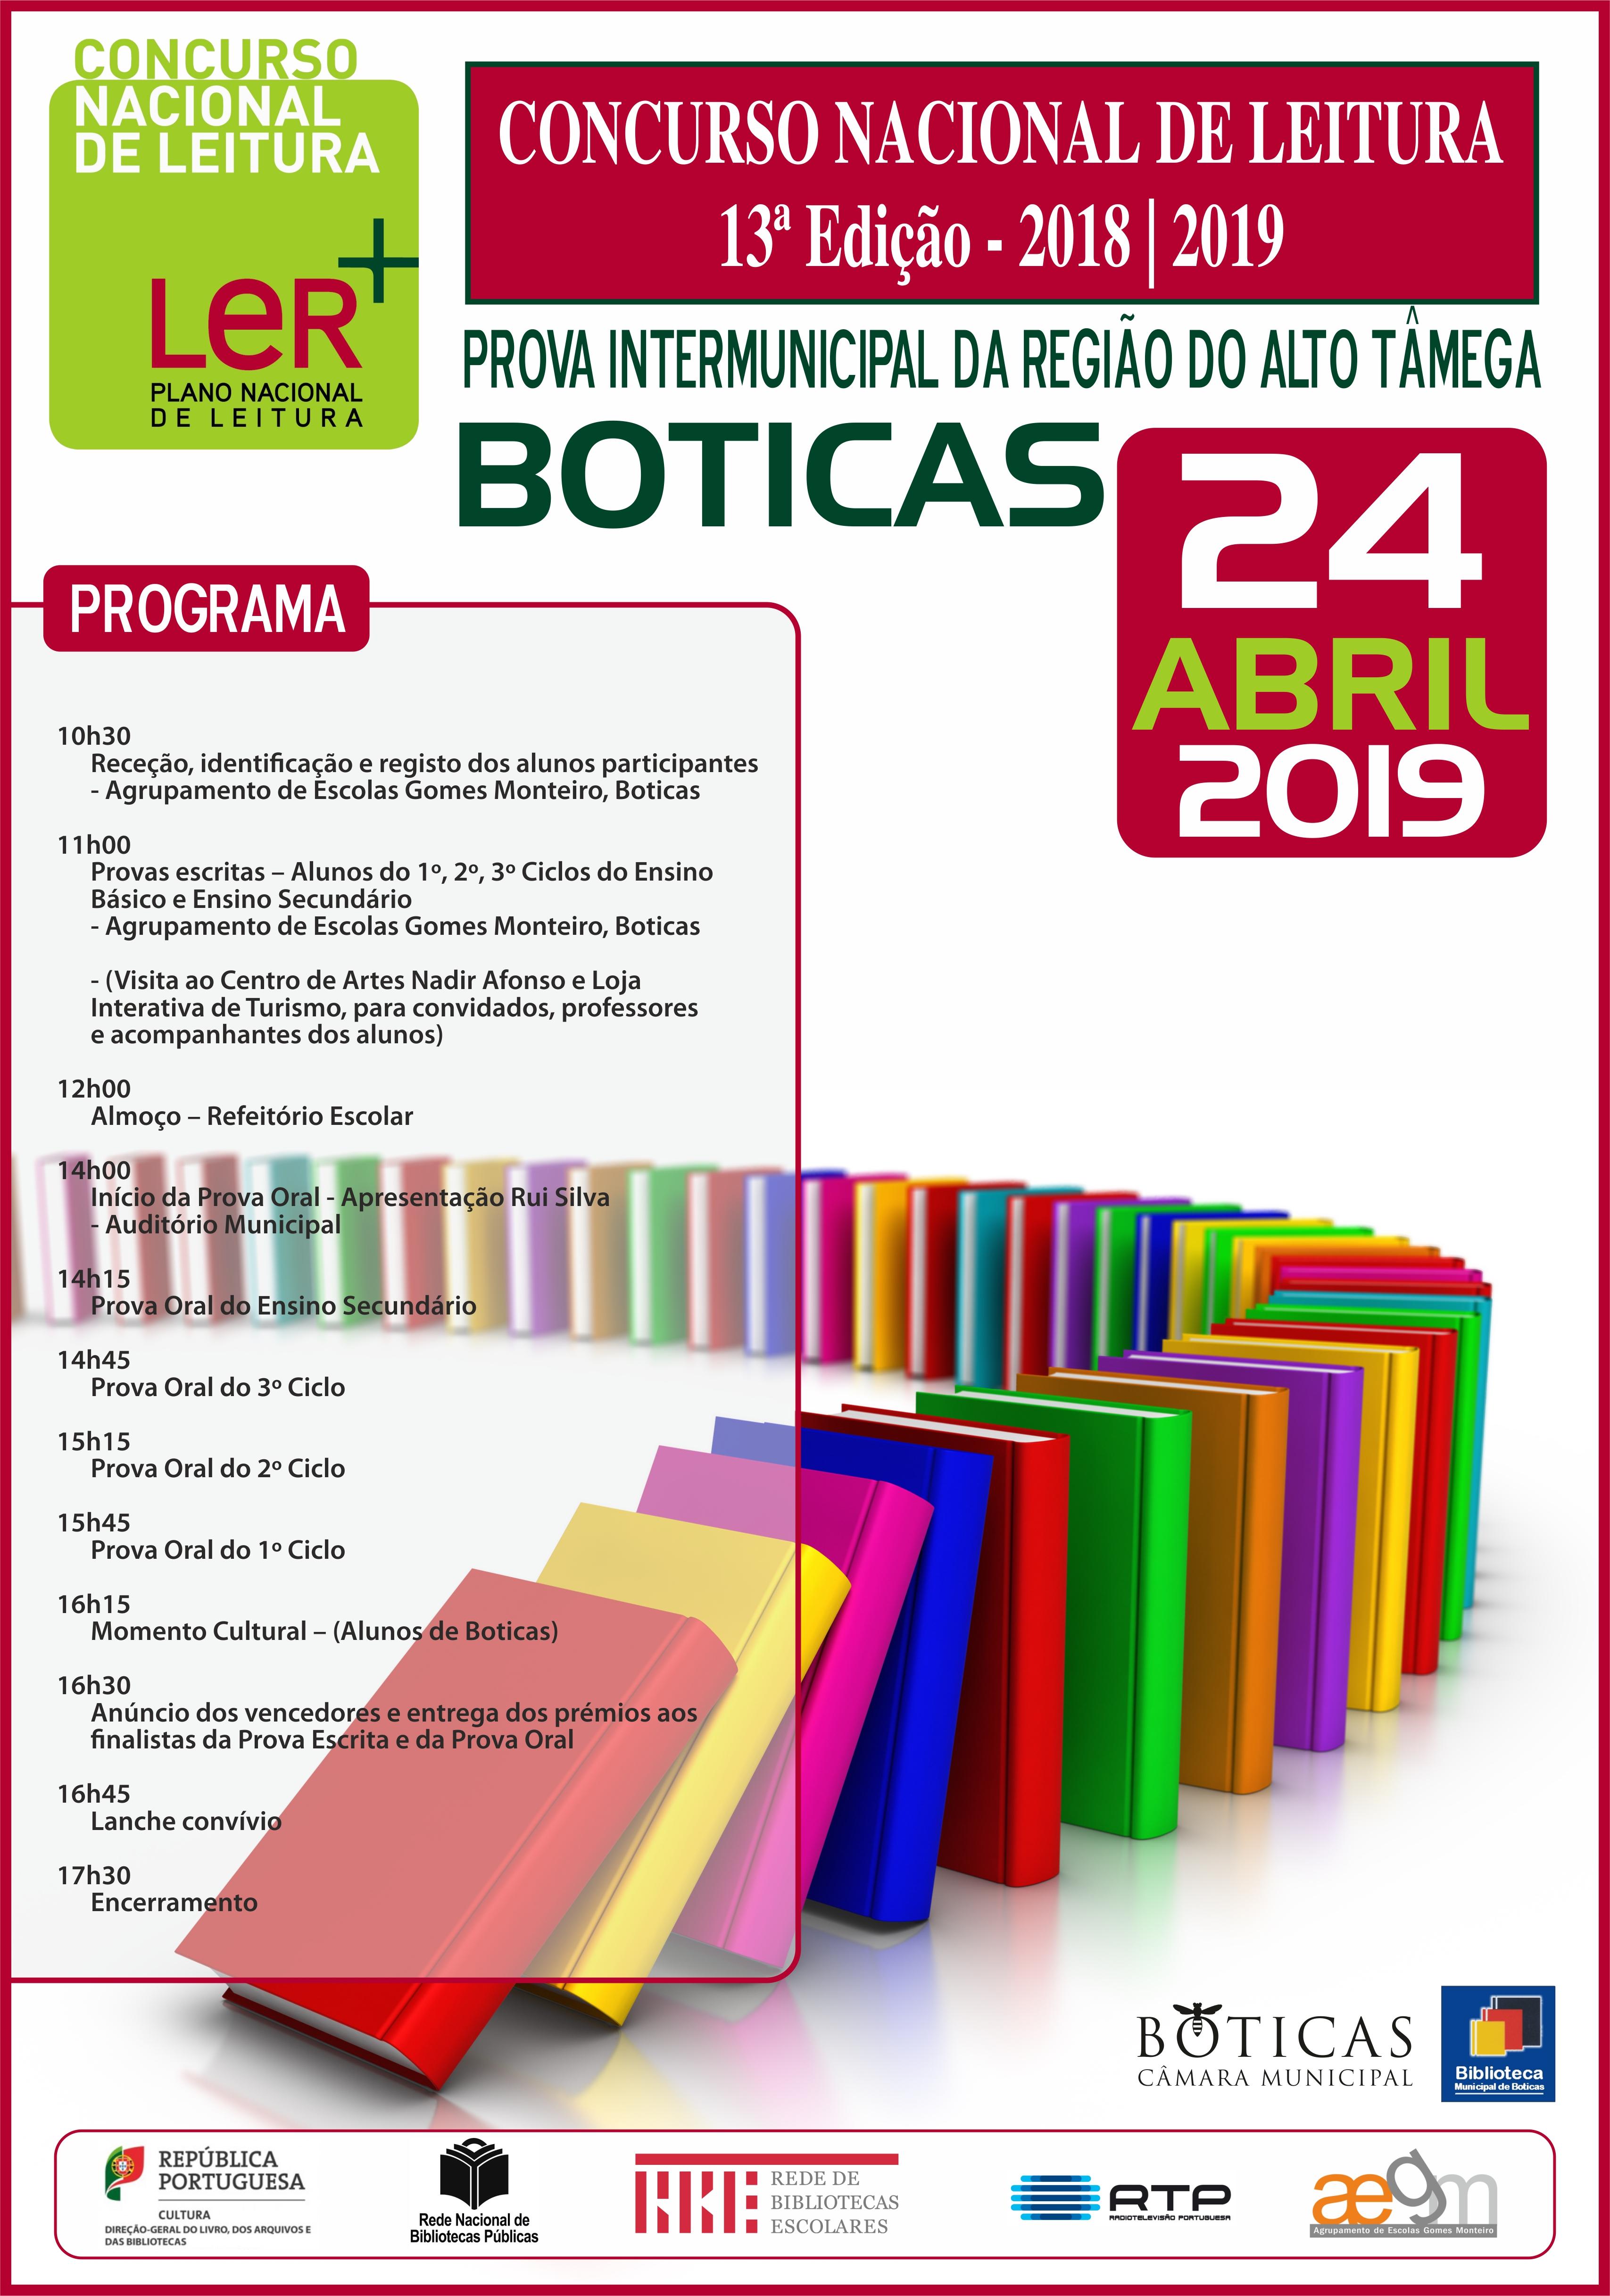 Concurso Nacional de Leitura Cartaz 2019